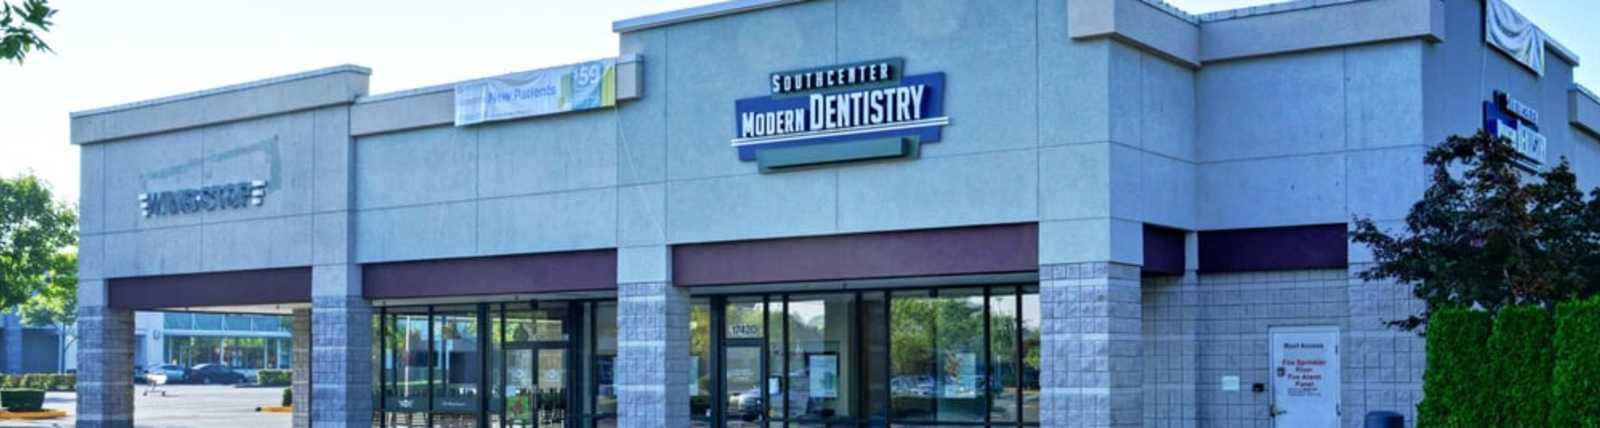 Southcenter Modern Dentistry